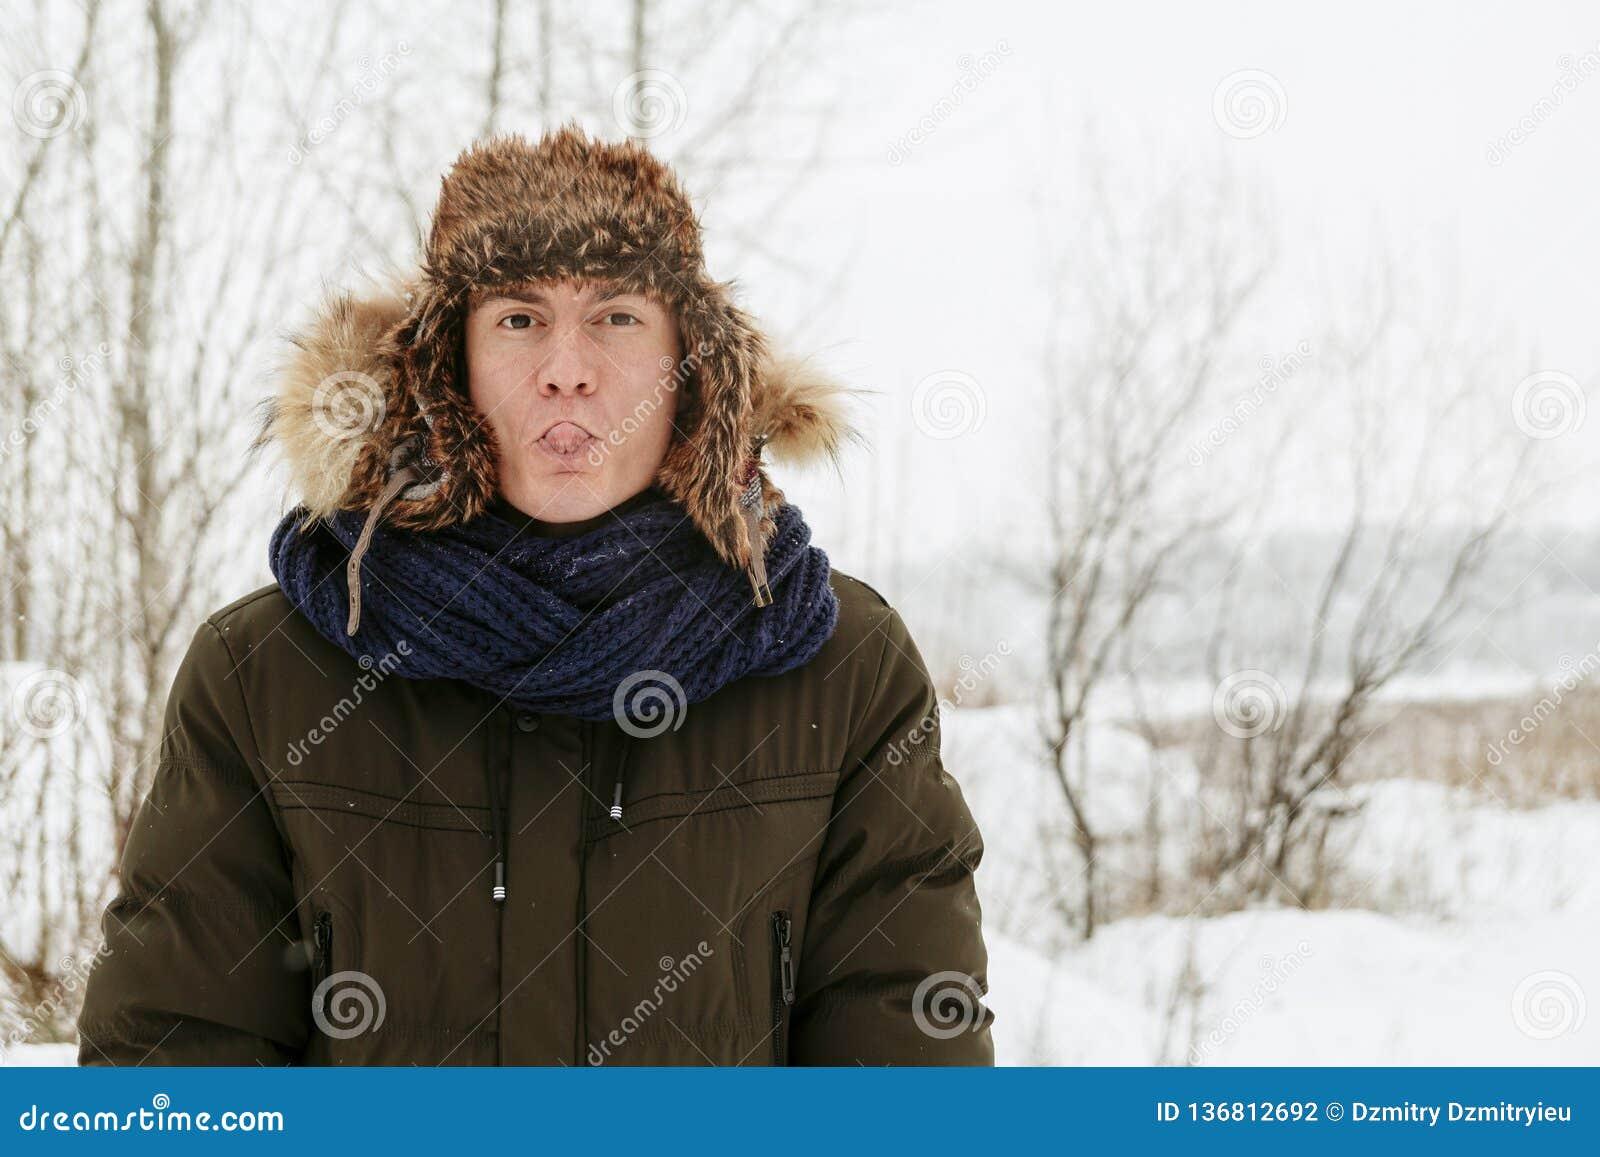 Retratos del invierno de un individuo en naturaleza